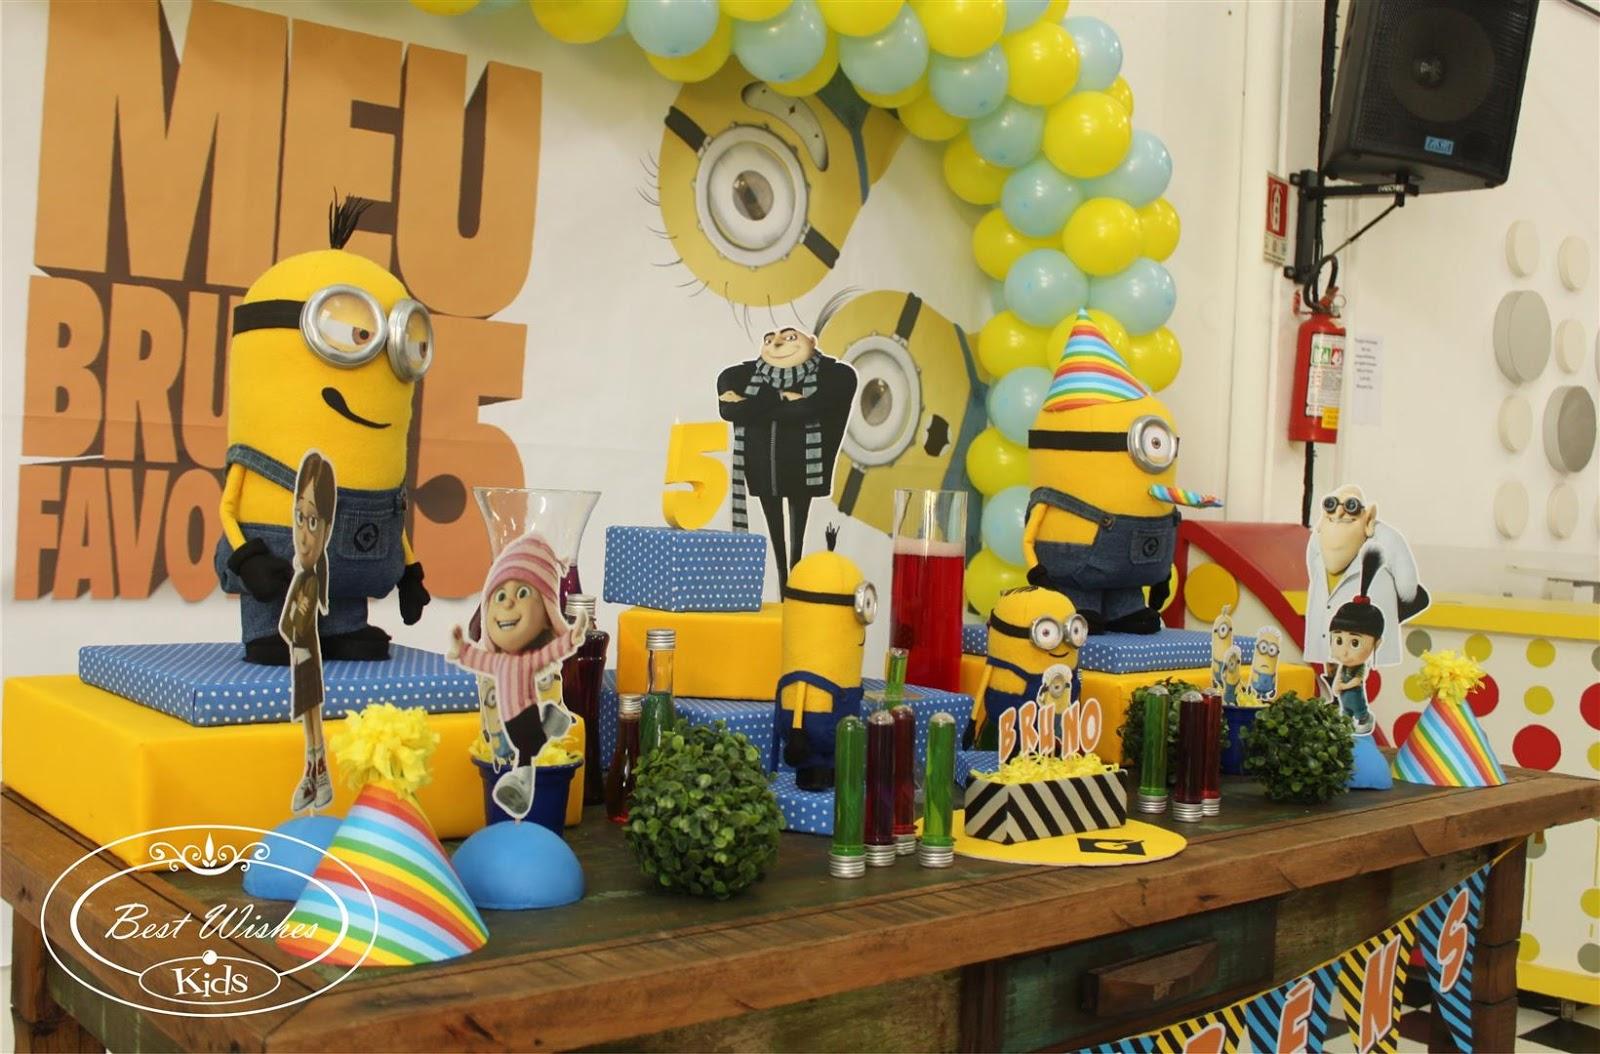 decoracao festa minions : decoracao festa minions:Ufa, conseguimos fazer uma decoração linda!